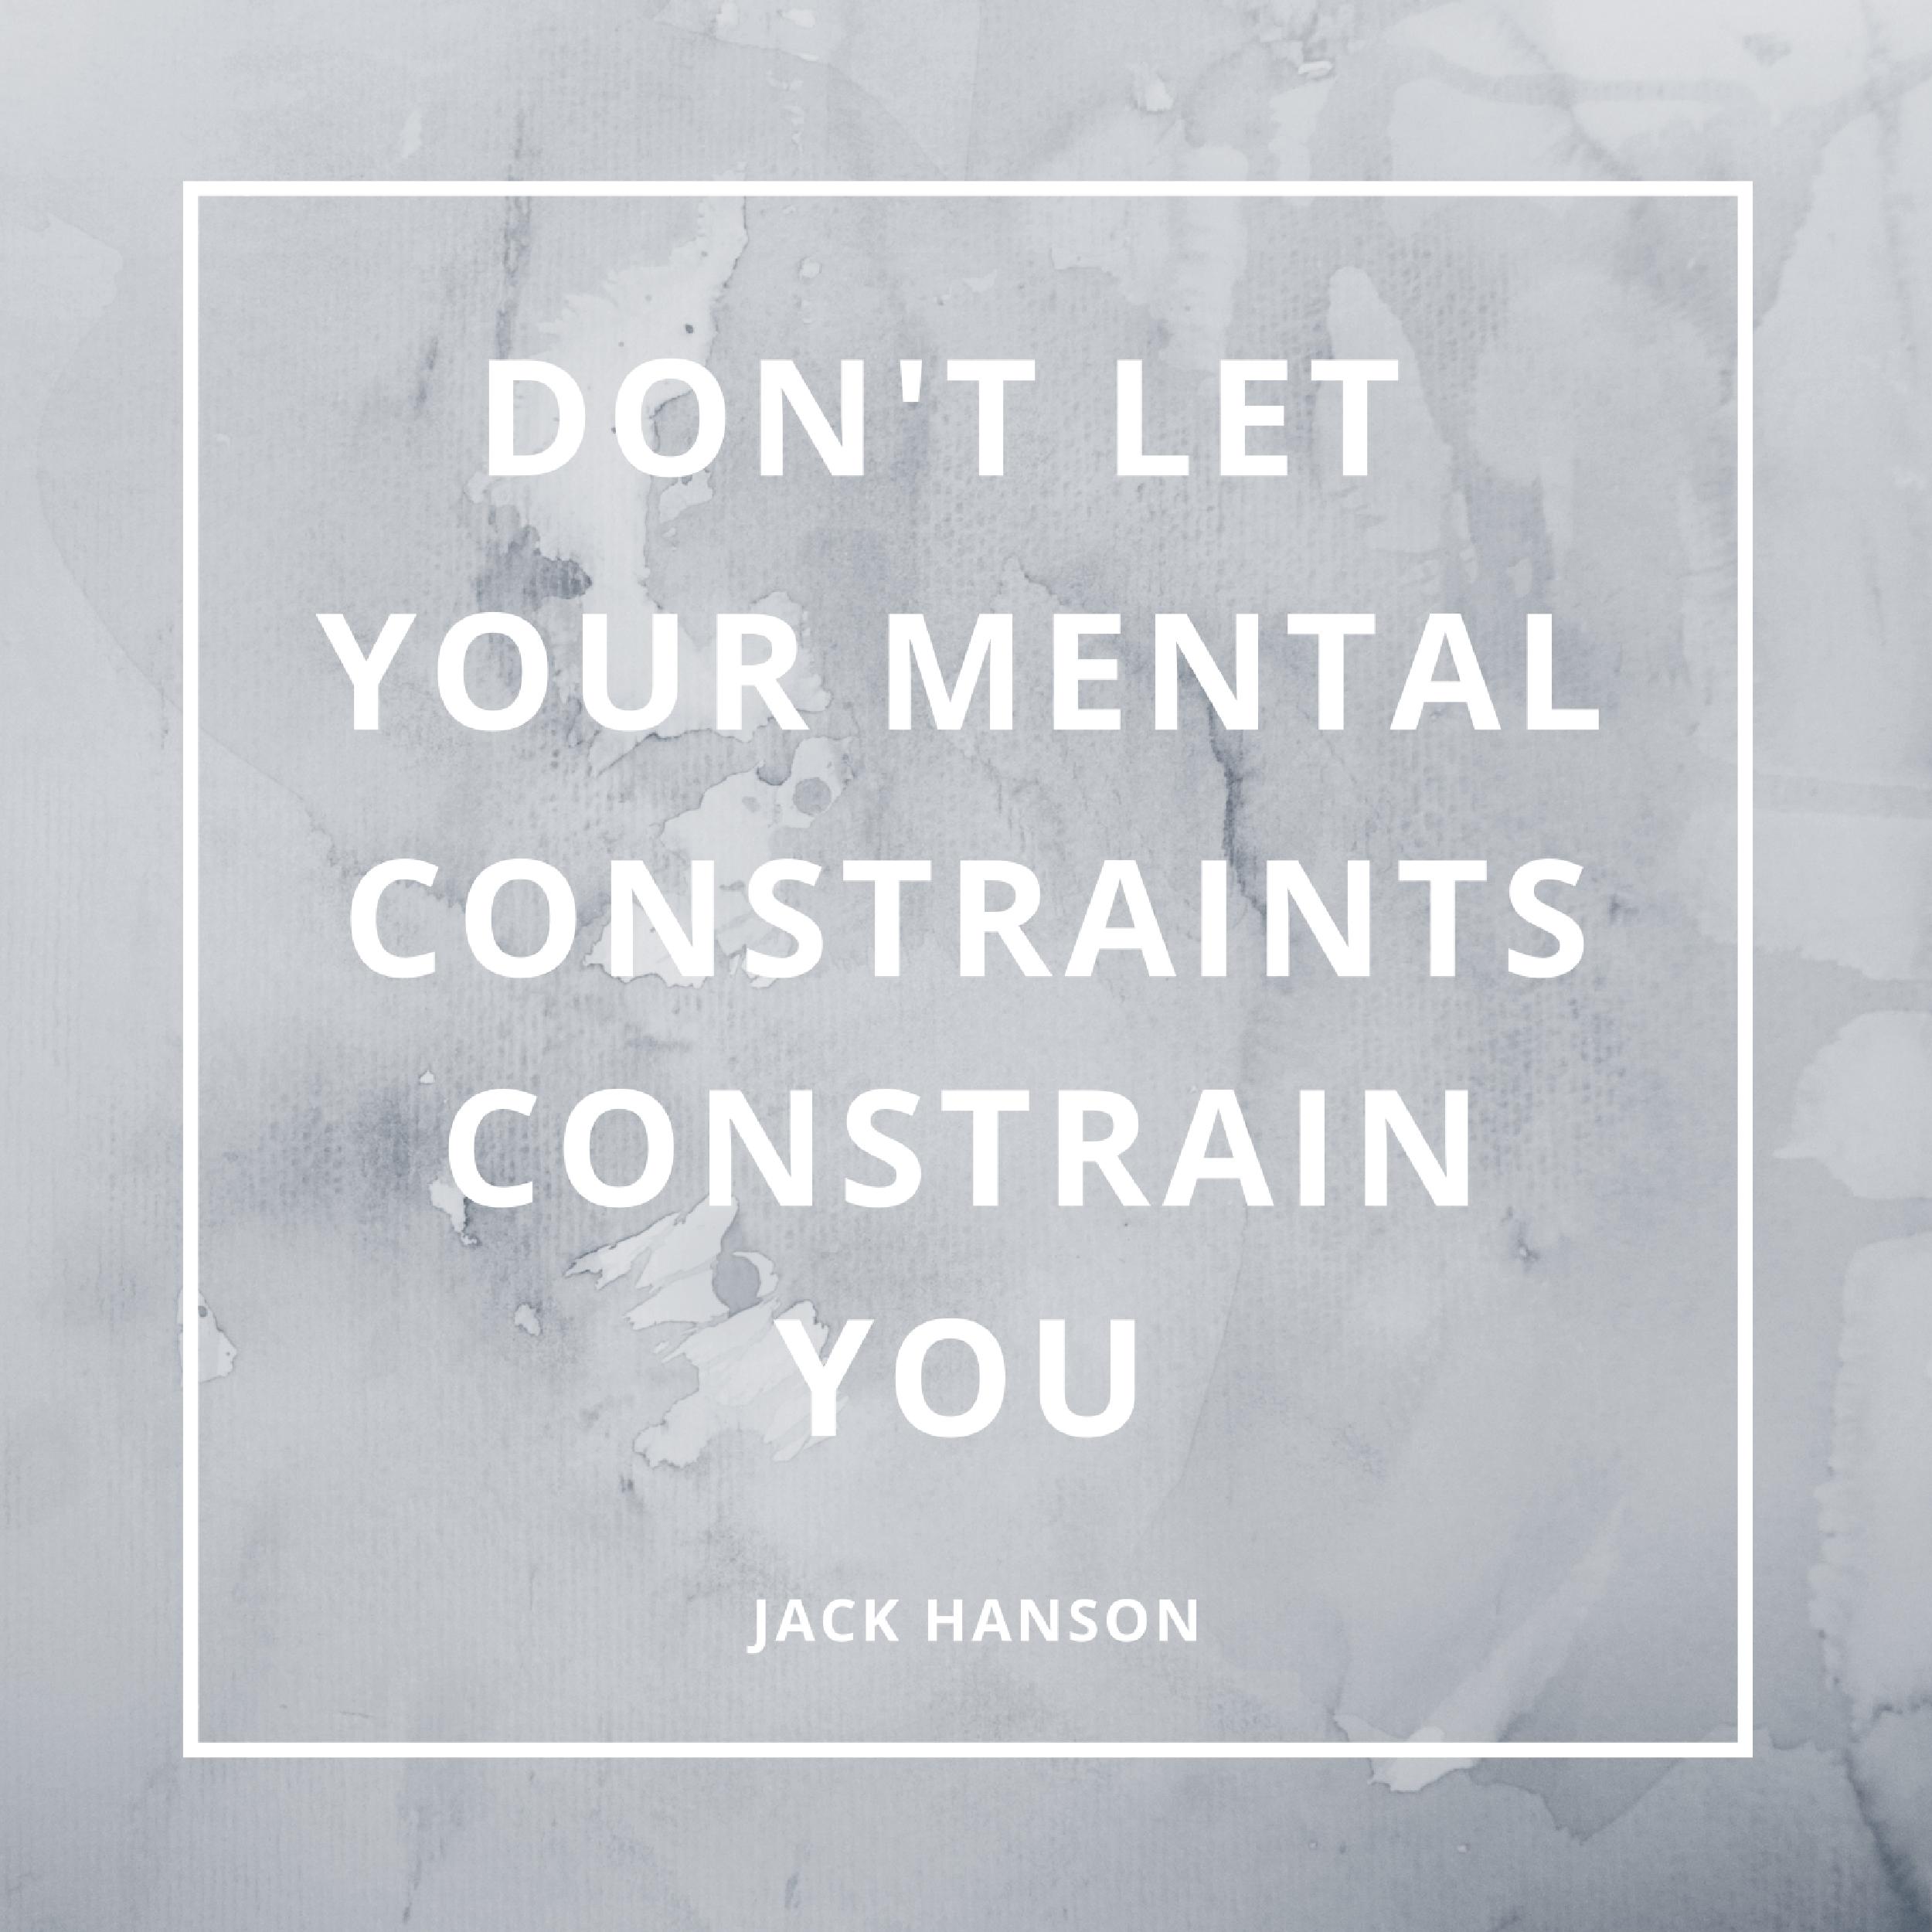 Mental Constraints